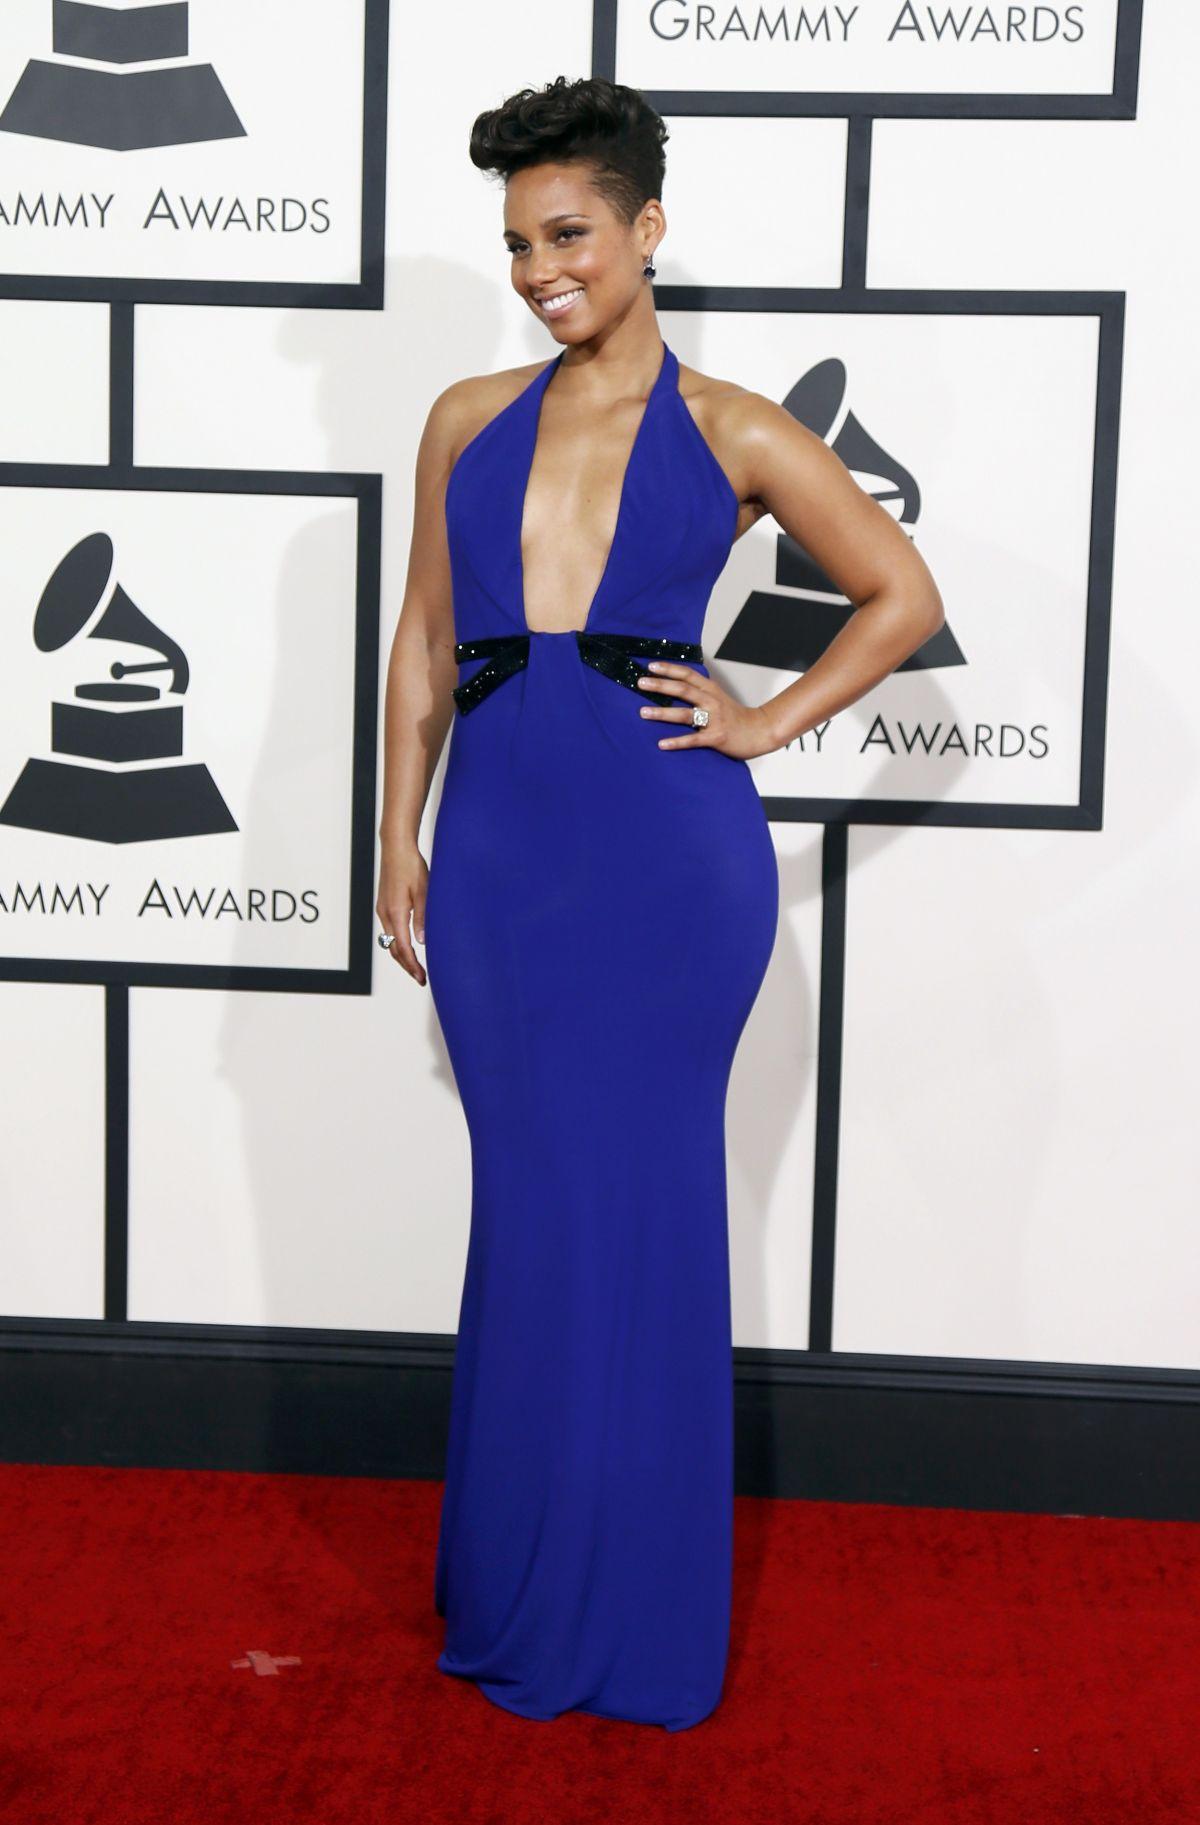 ALICIA KEYS at 2014 Grammy Awards in Los Angeles